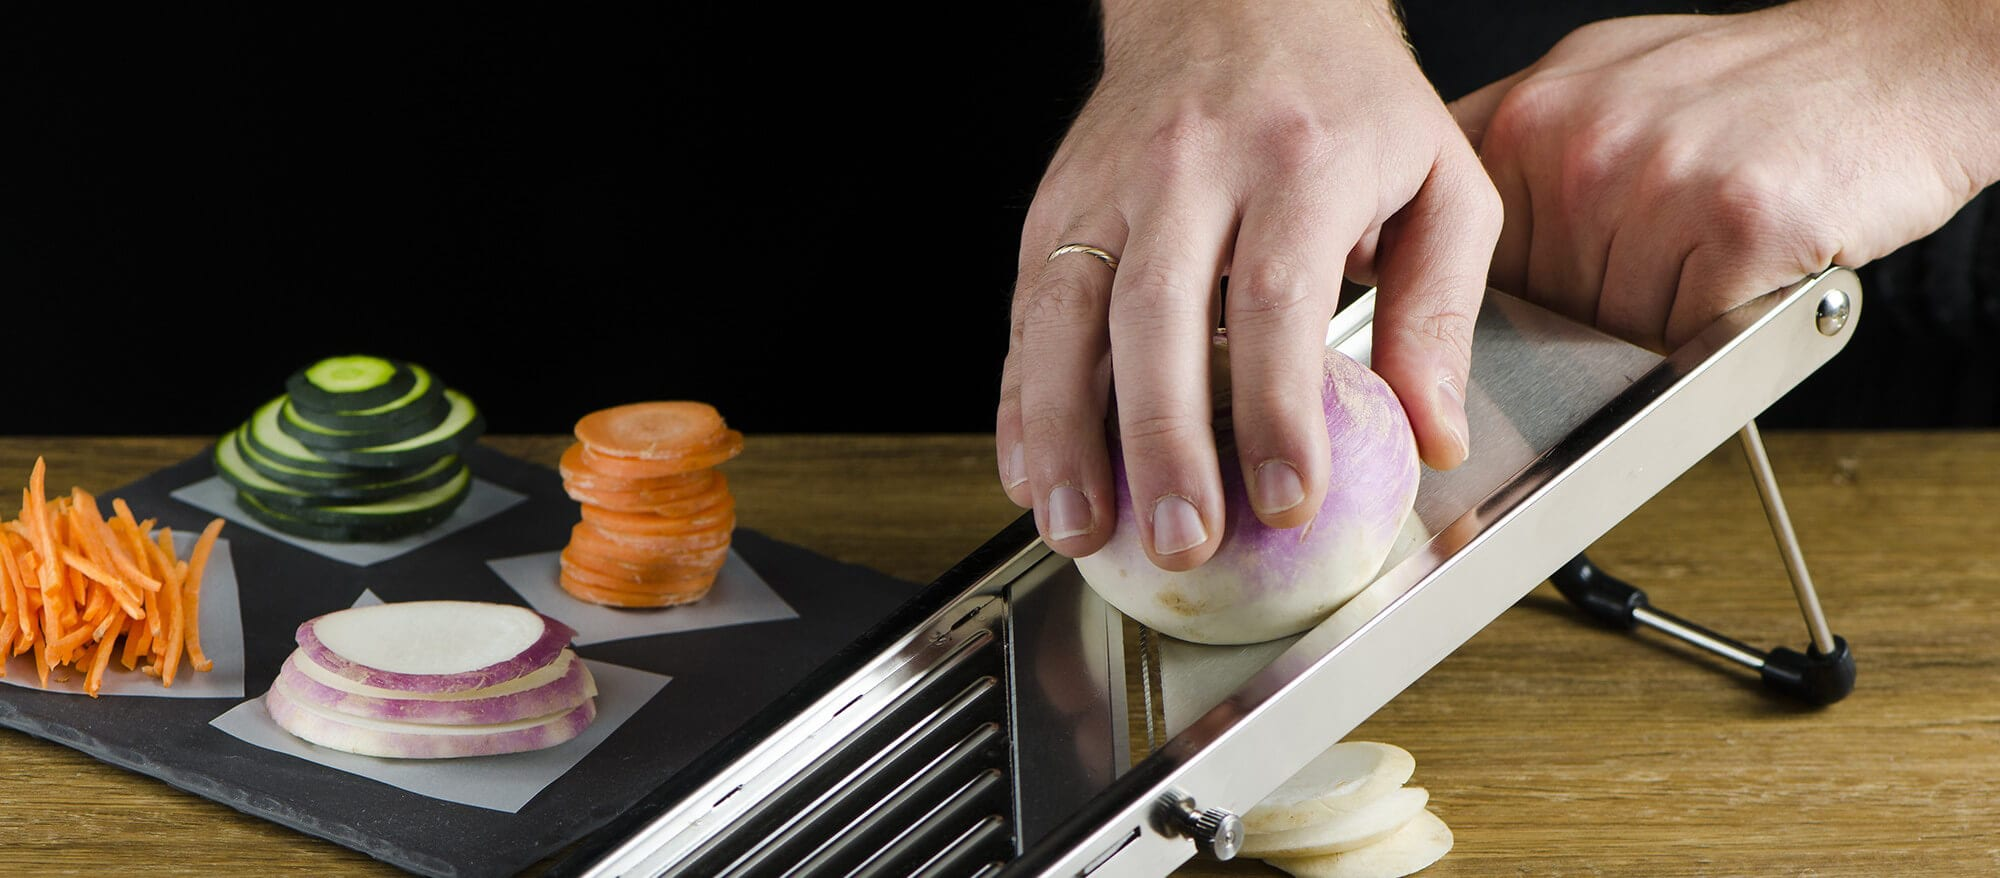 Quelle Est La Meilleure Mandoline Pour La Cuisine En 2020